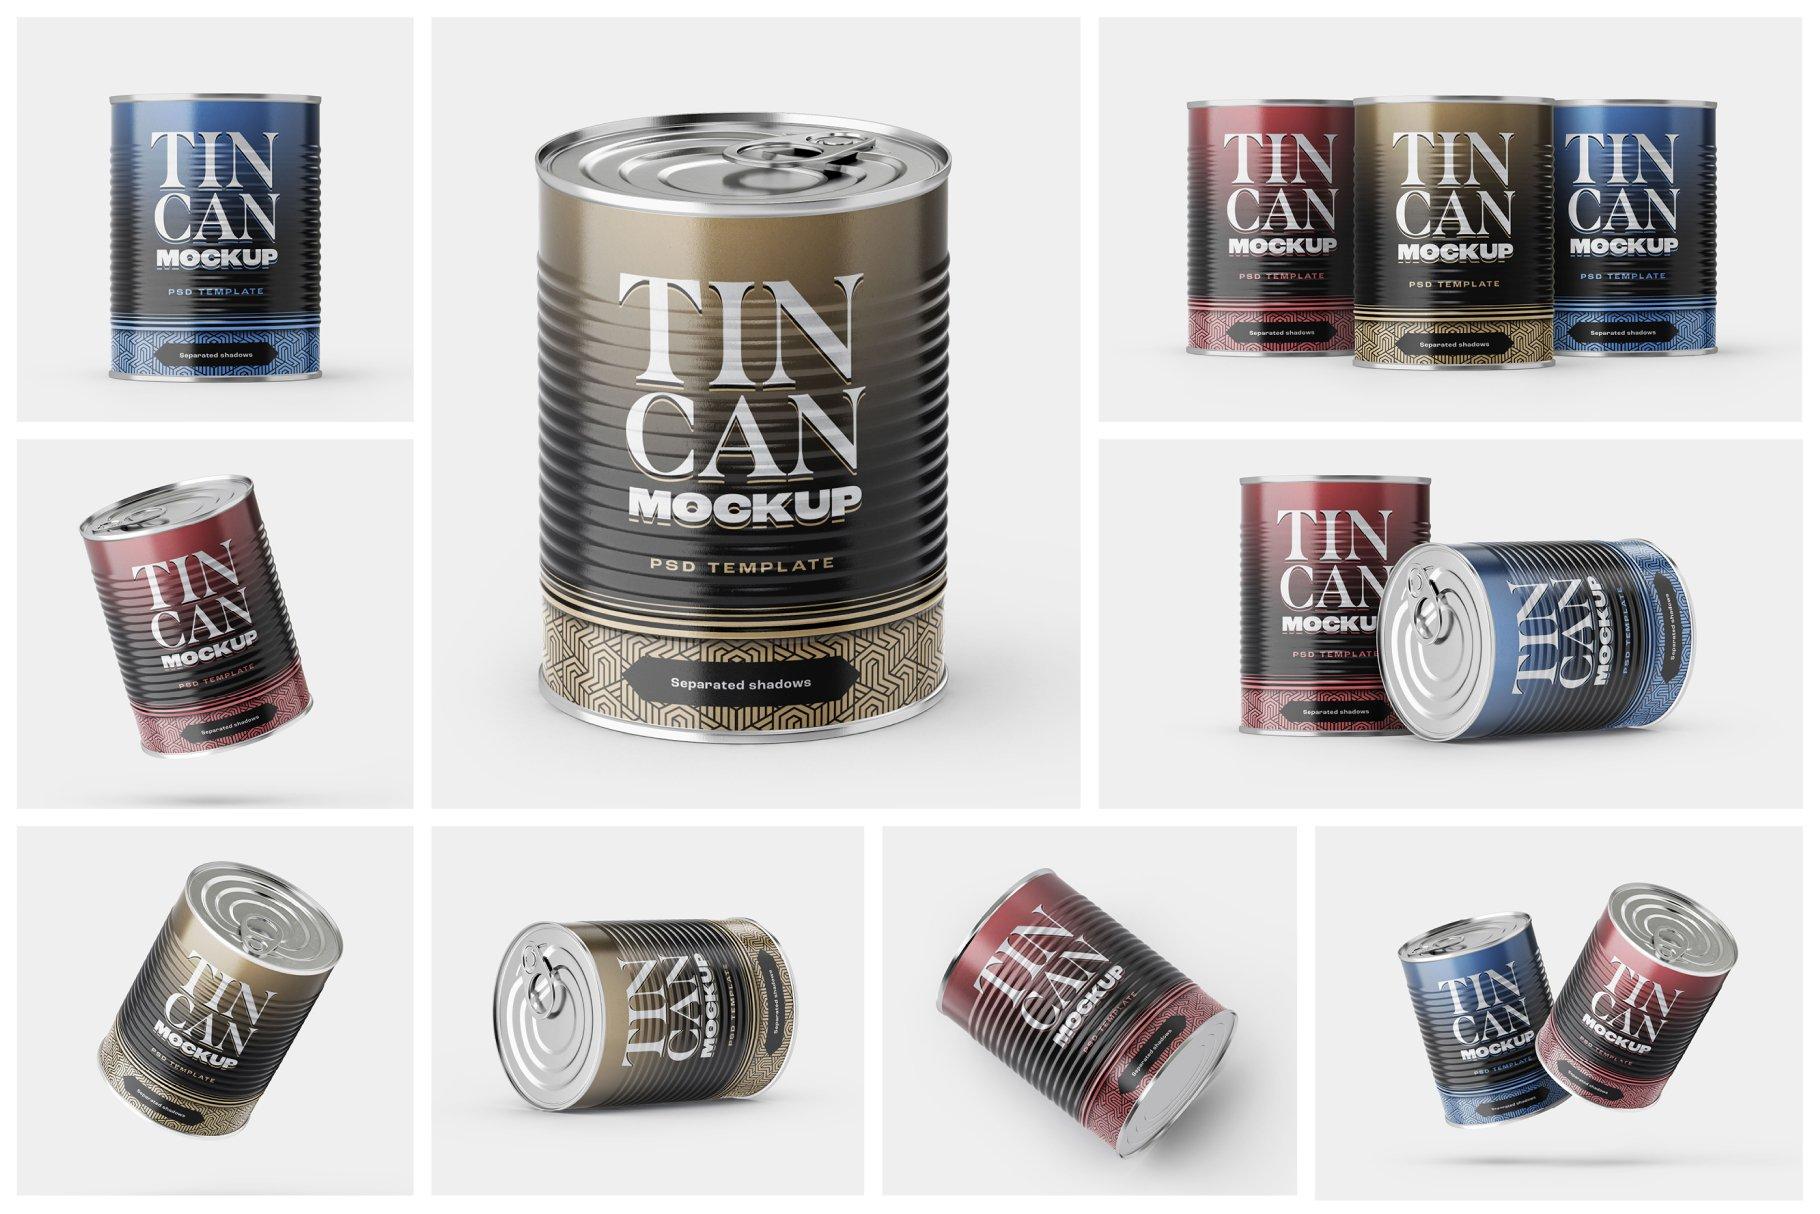 9款食品罐头金属锡罐包装样机模板素材合集 Tin Can Mockup Set | Conserve插图1